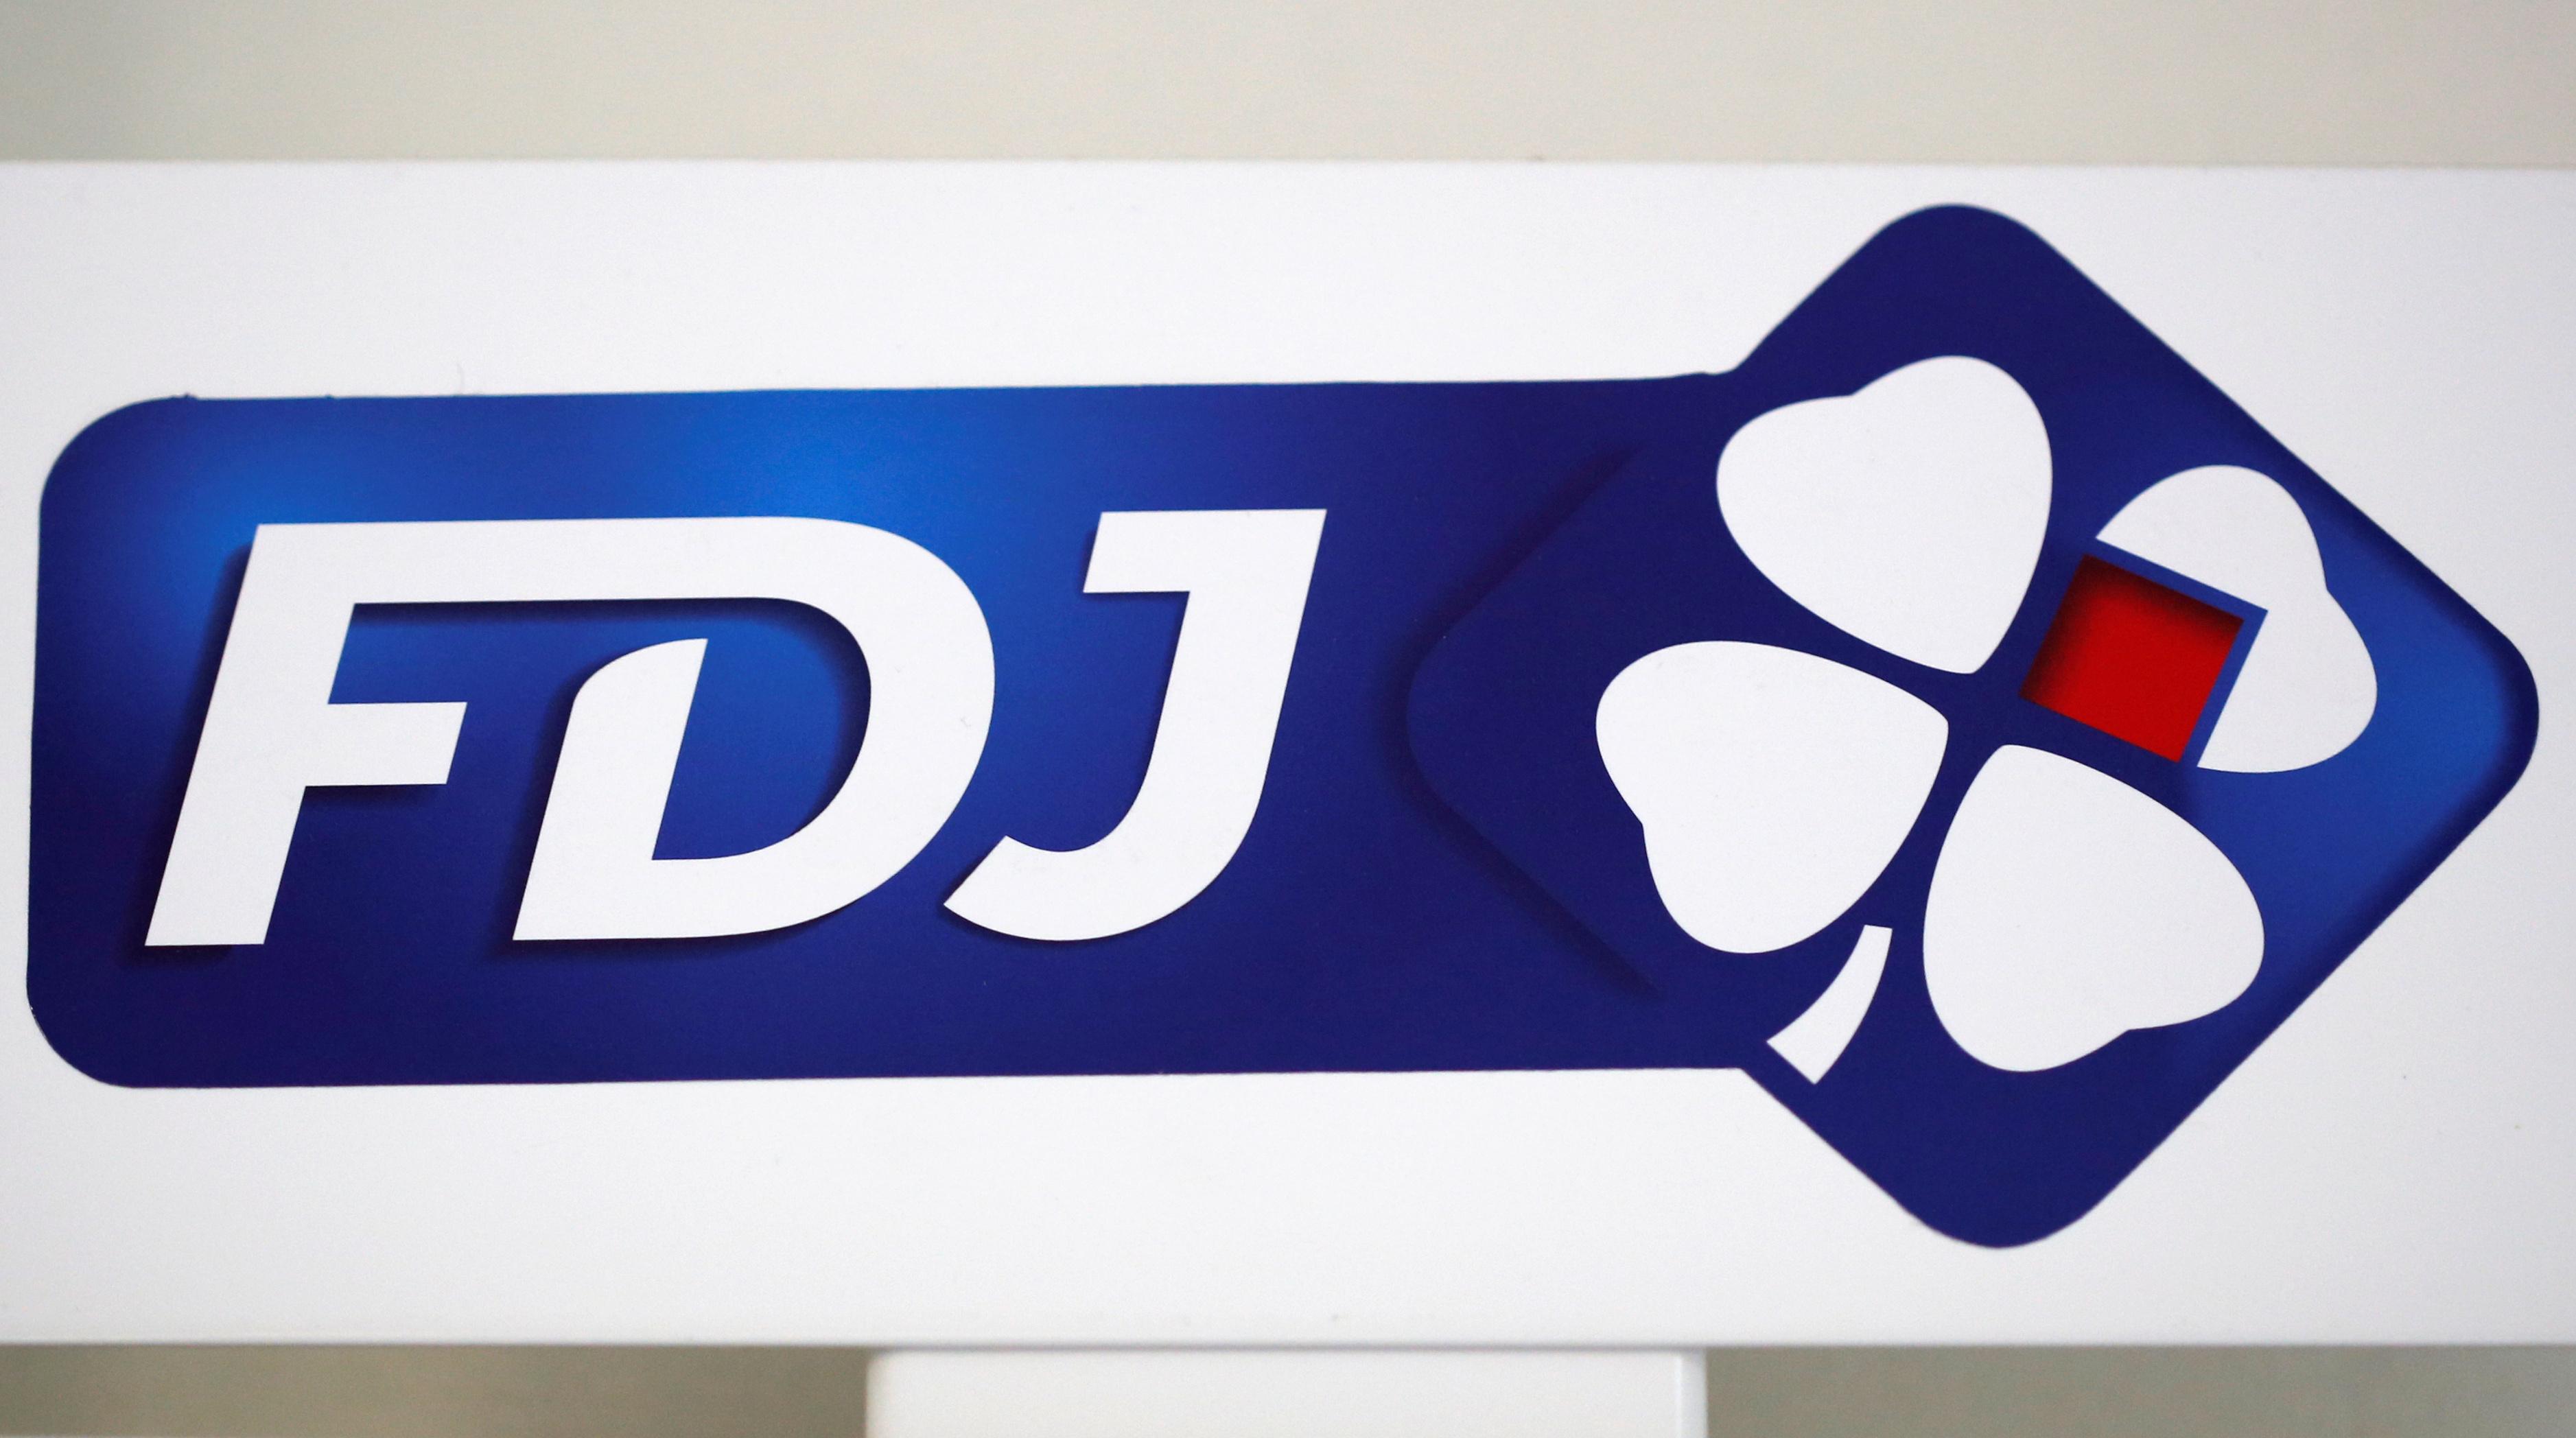 La Française des Jeux (FDJ) valorisée jusqu'à 3,8 milliards d'euros pour son entrée en Bourse